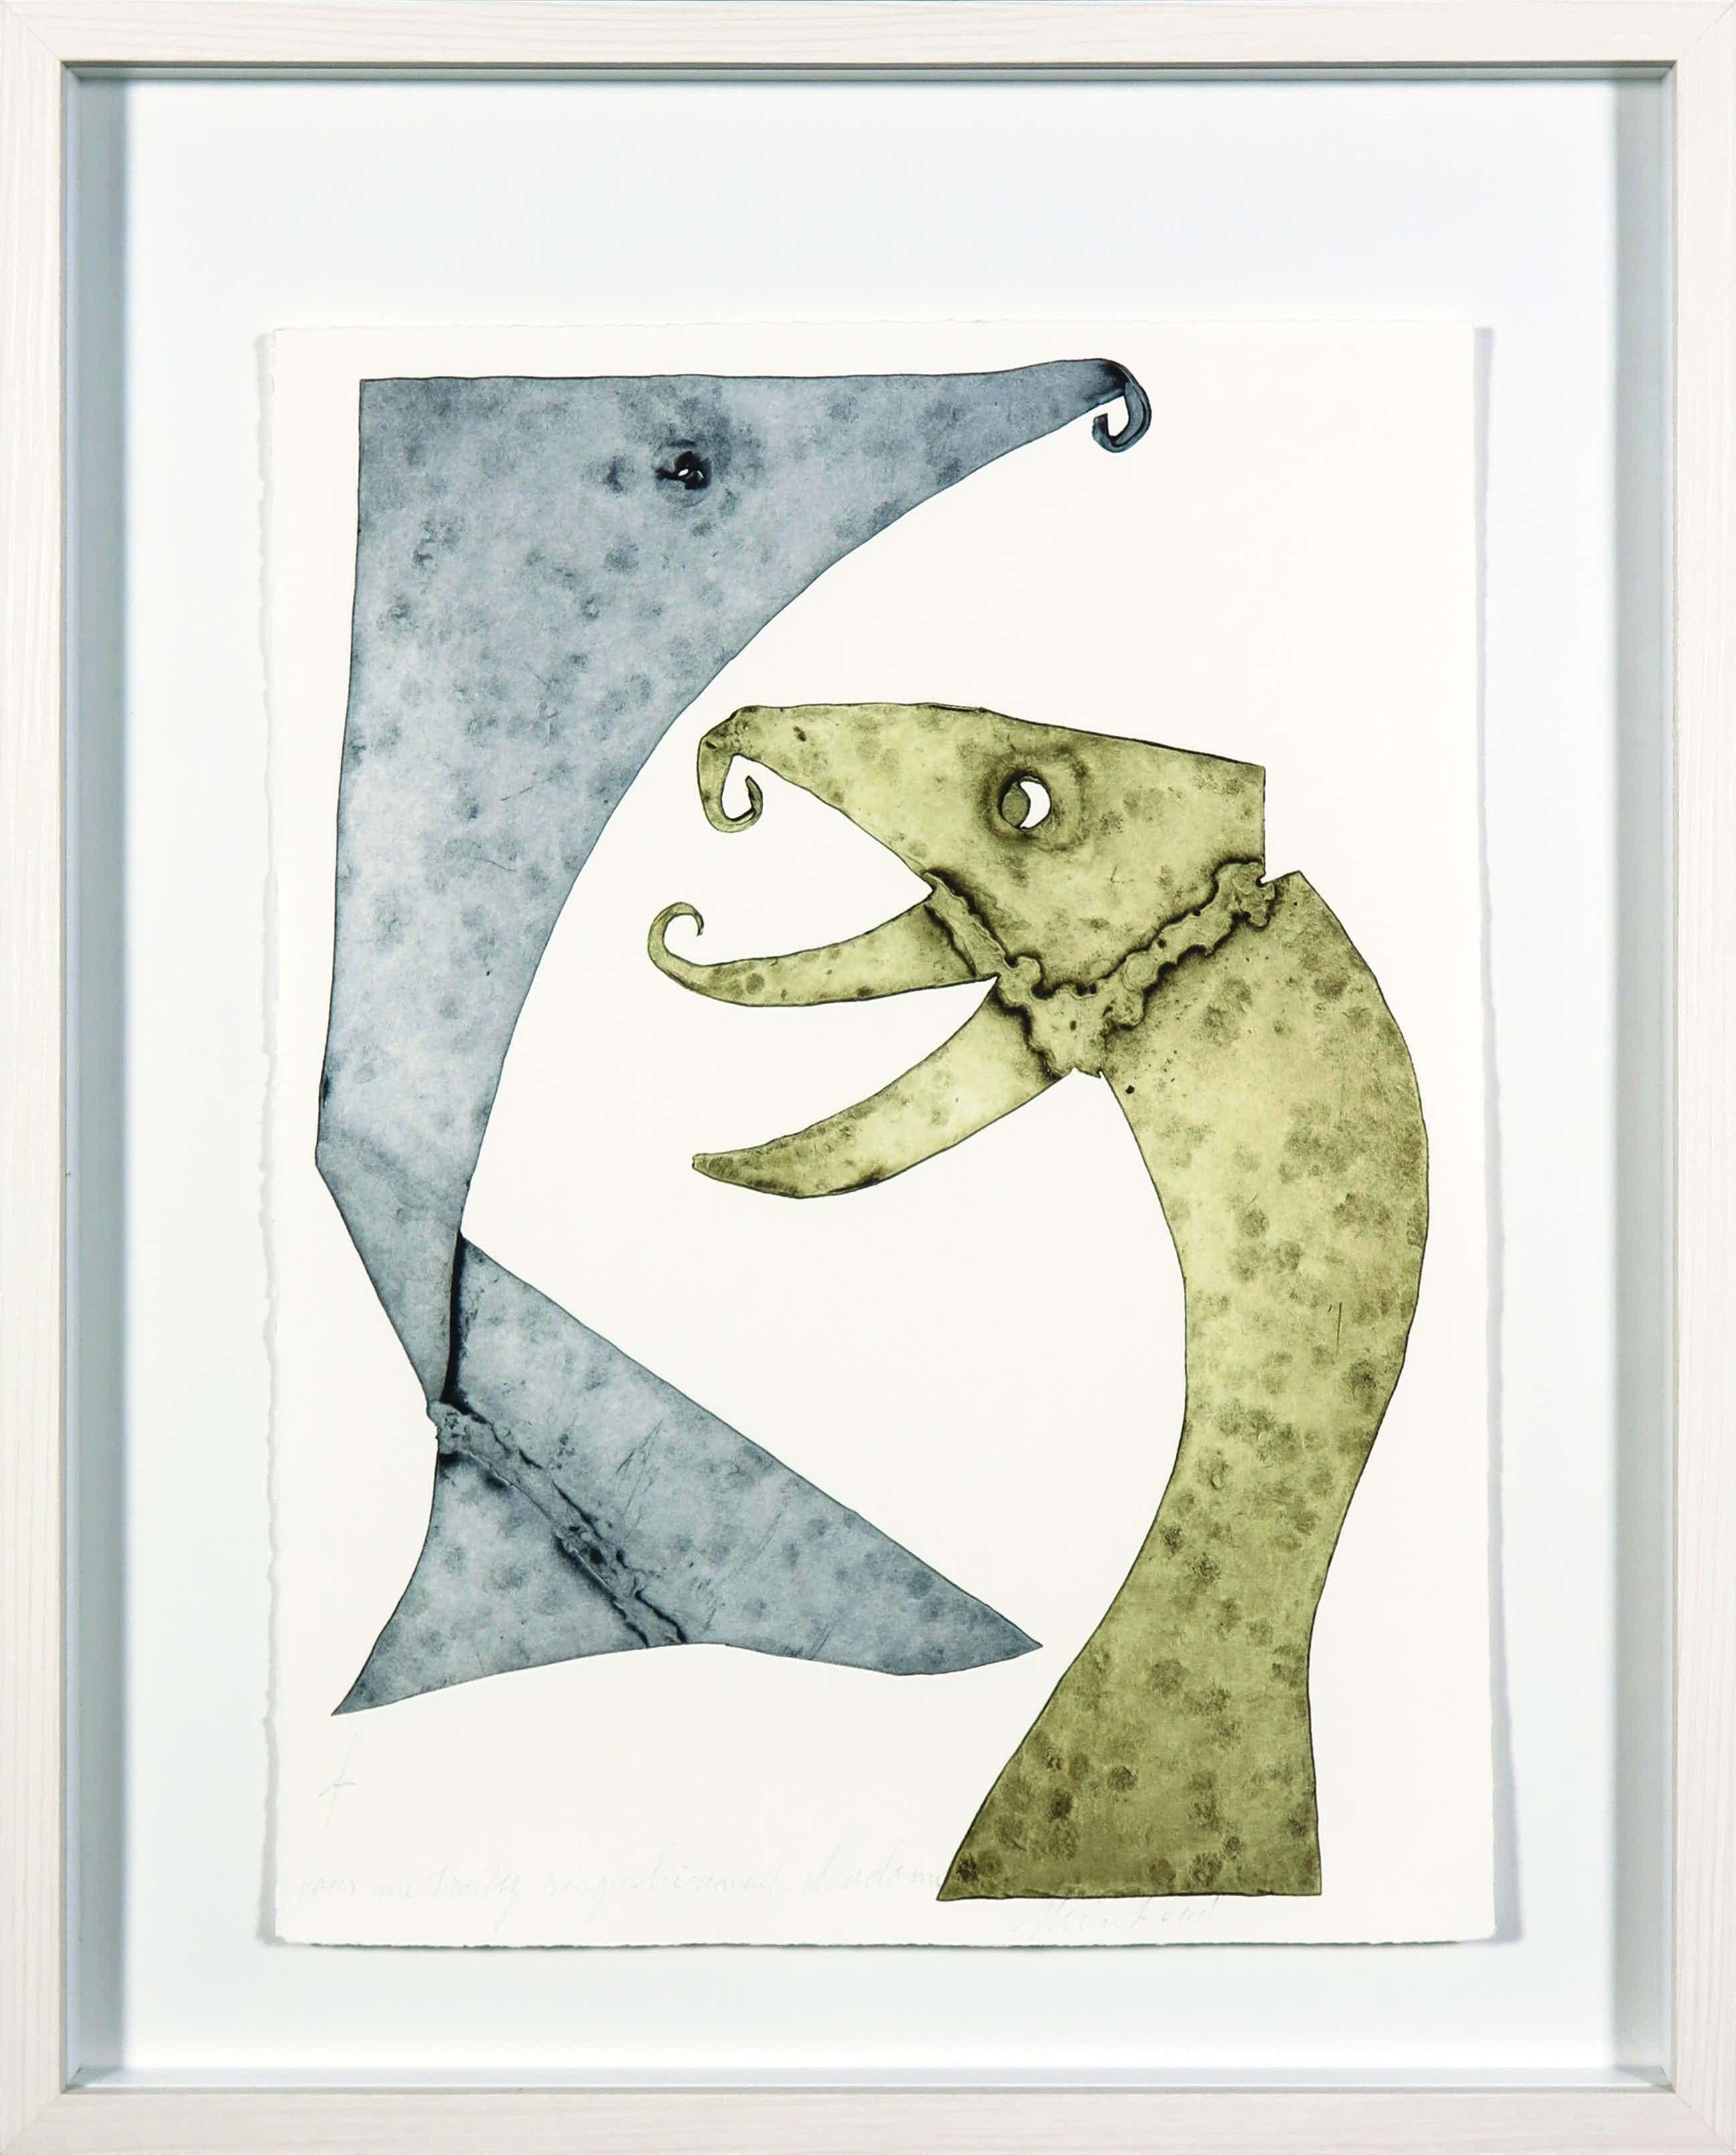 Reinhoud D'Haese - Aquatint metaaldruk met twee figuren - Ingelijst kopen? Bied vanaf 110!